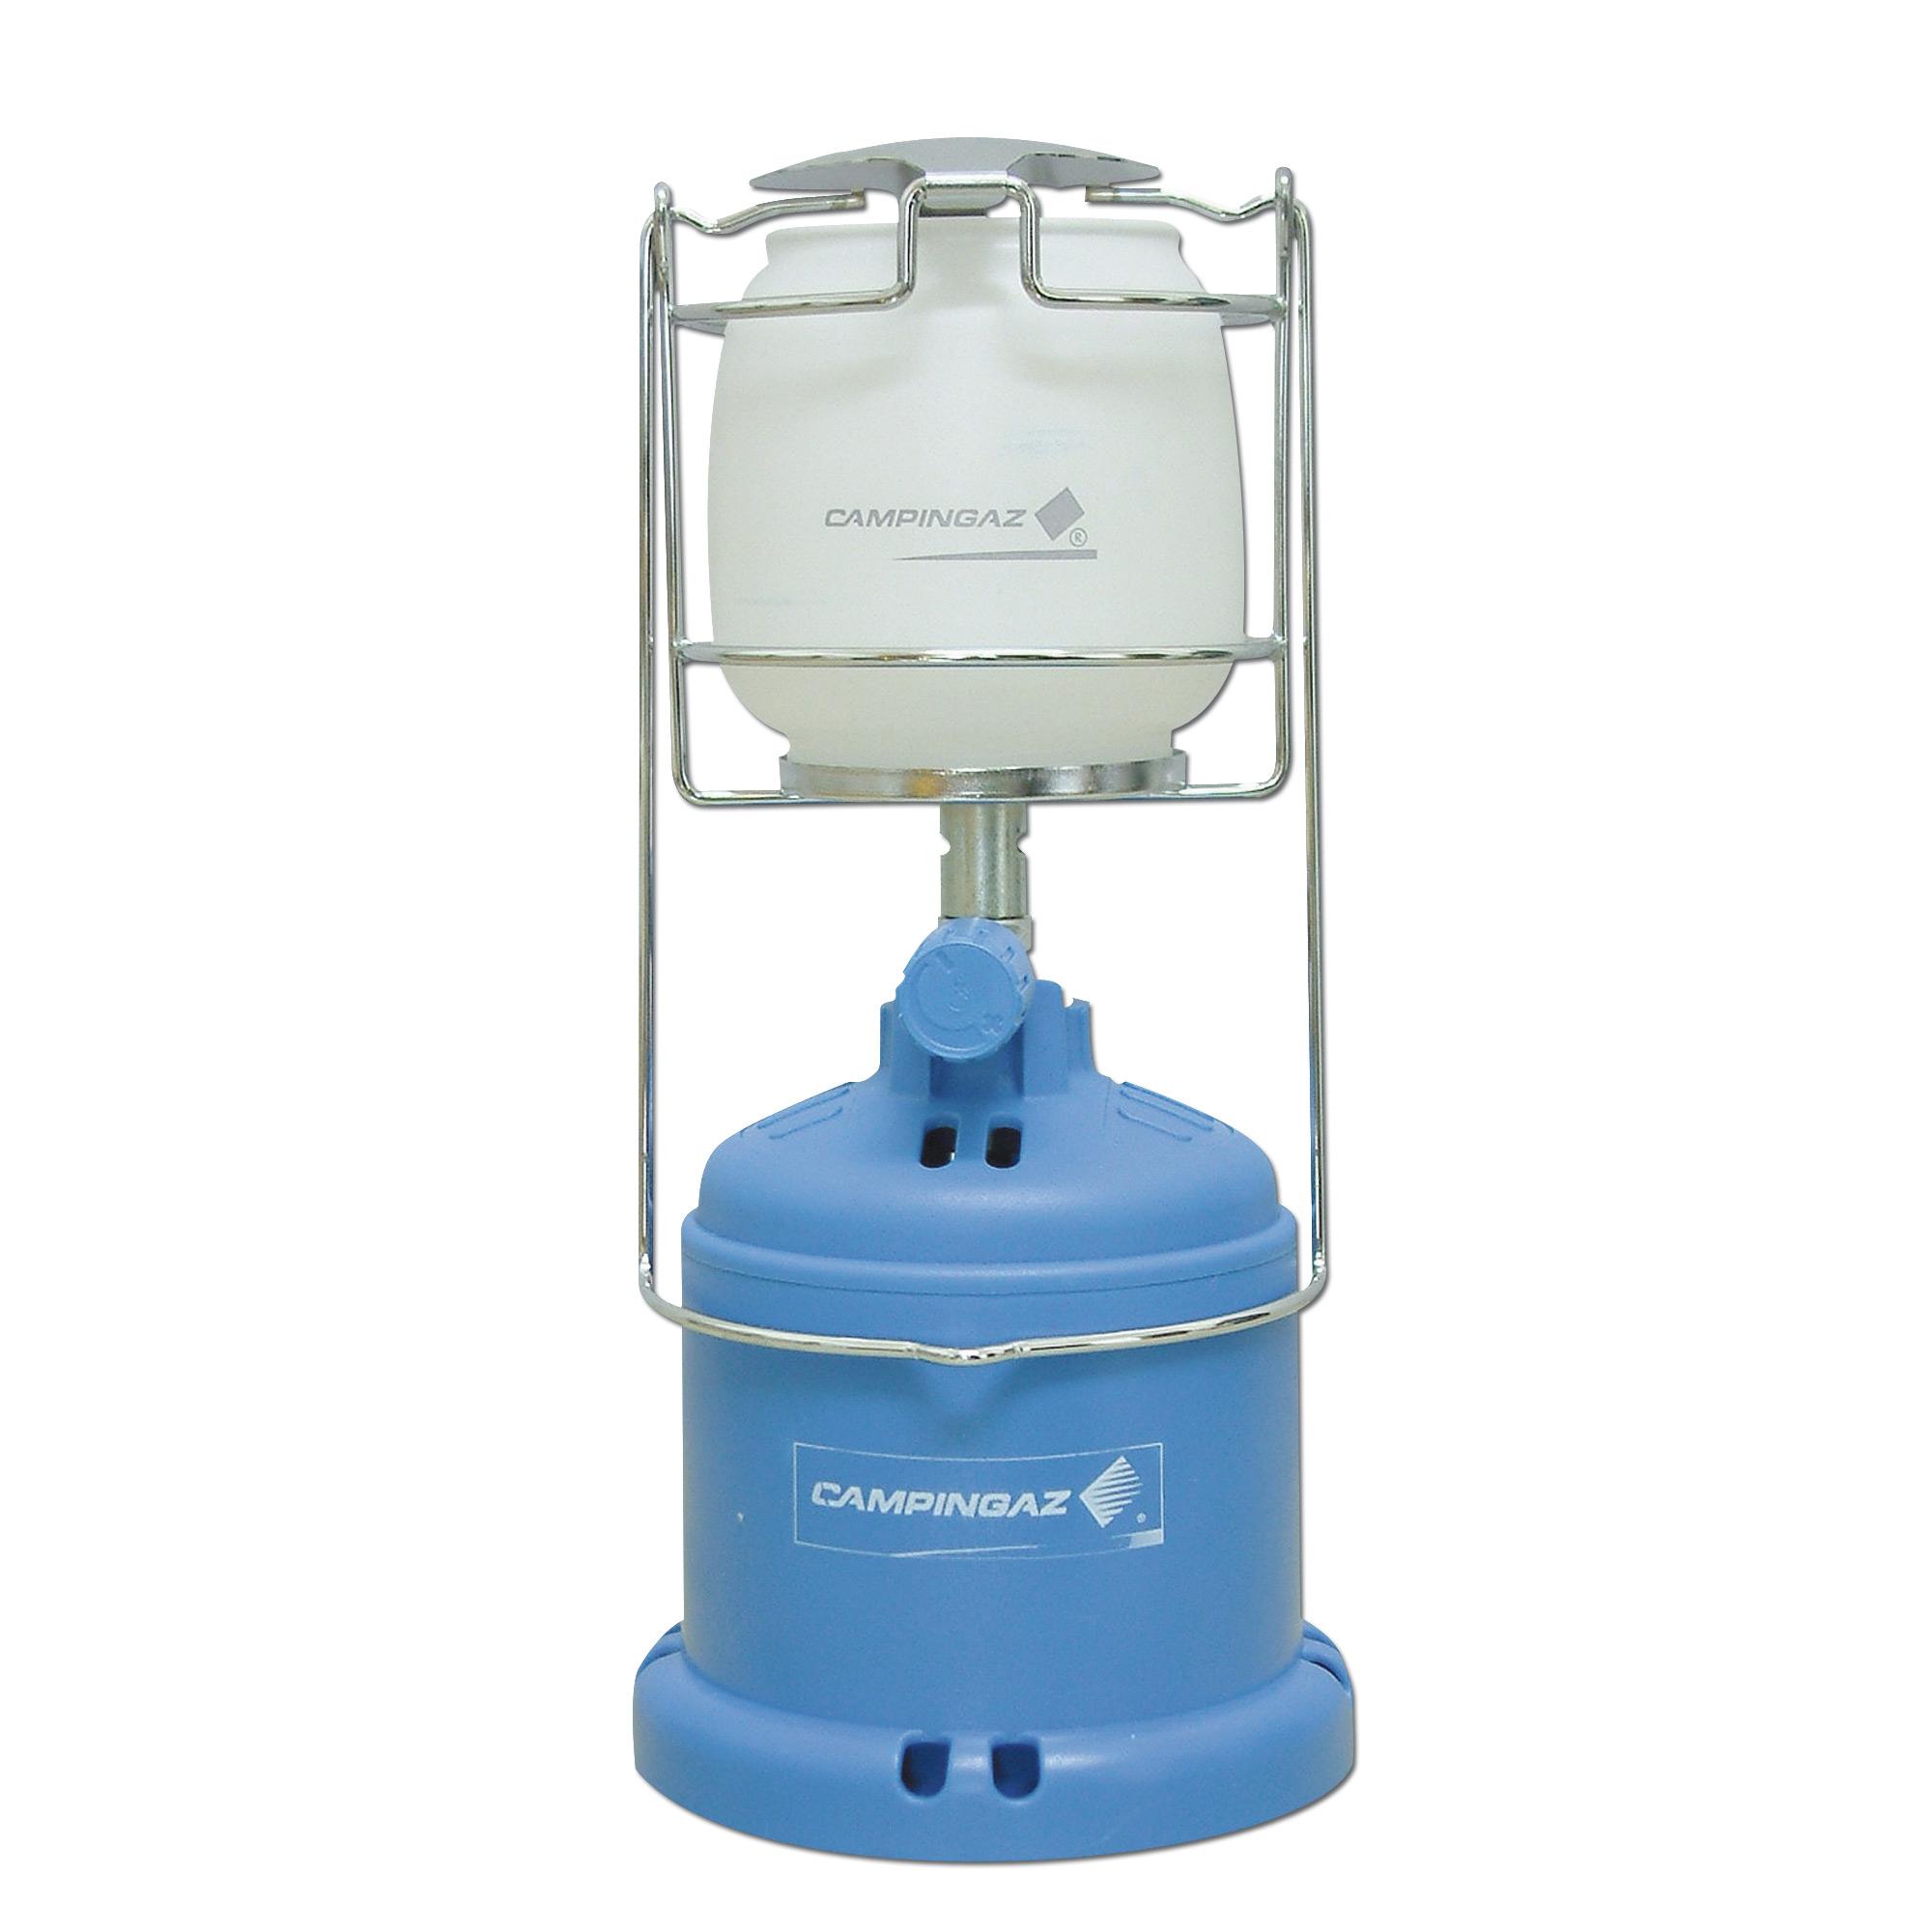 Campingaz Lantern 206 L